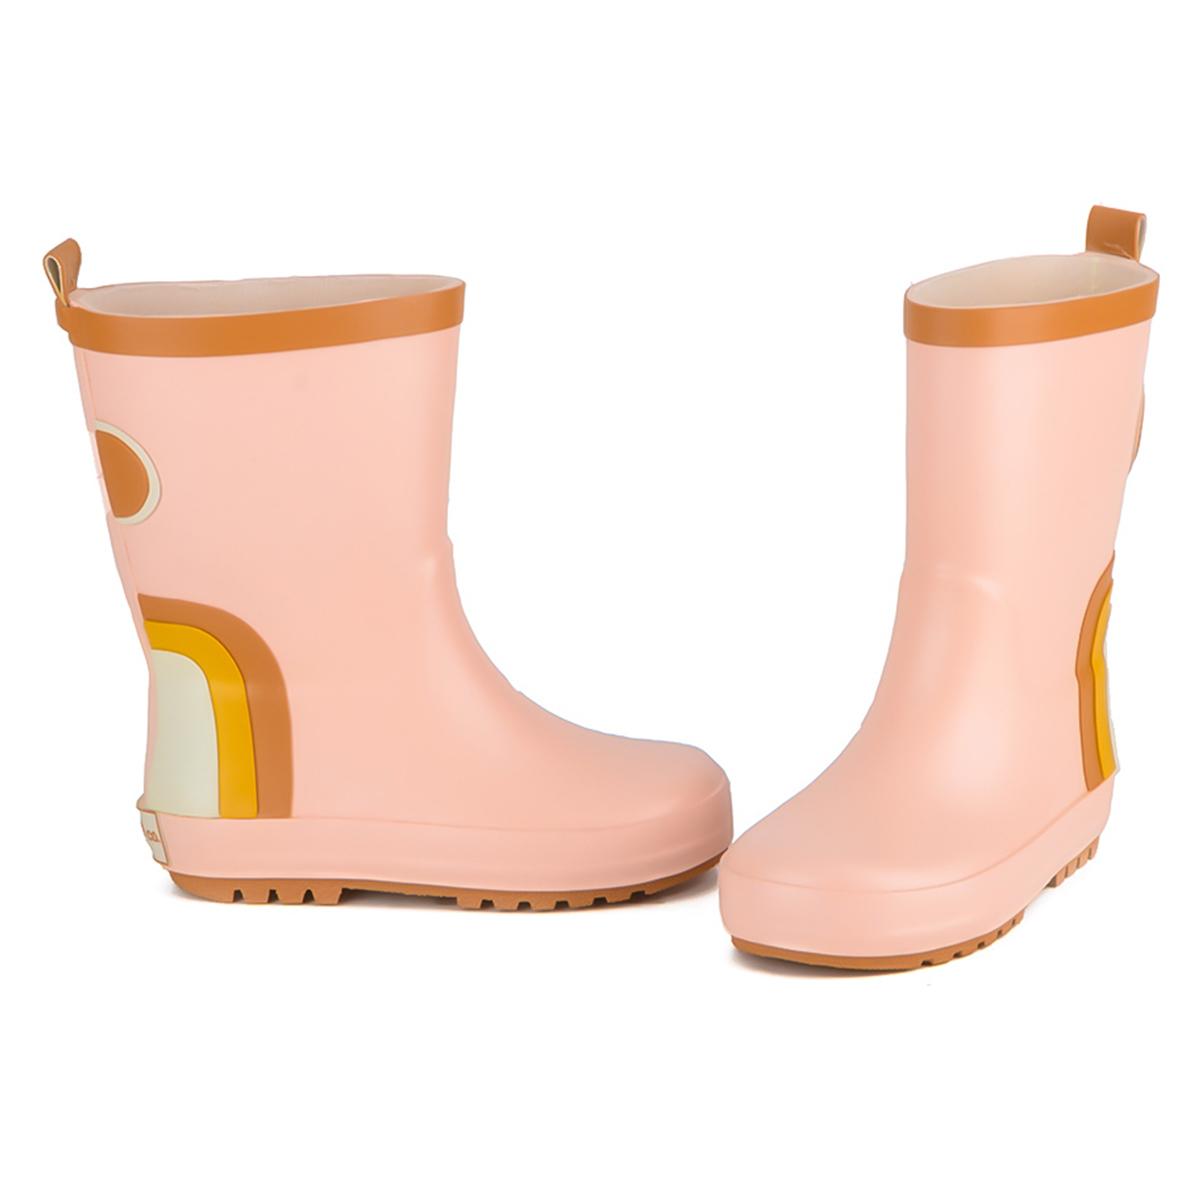 Chaussons & Chaussures Bottes de Pluie Rainbow Shell - 26 Bottes de Pluie Rainbow Shell - 26